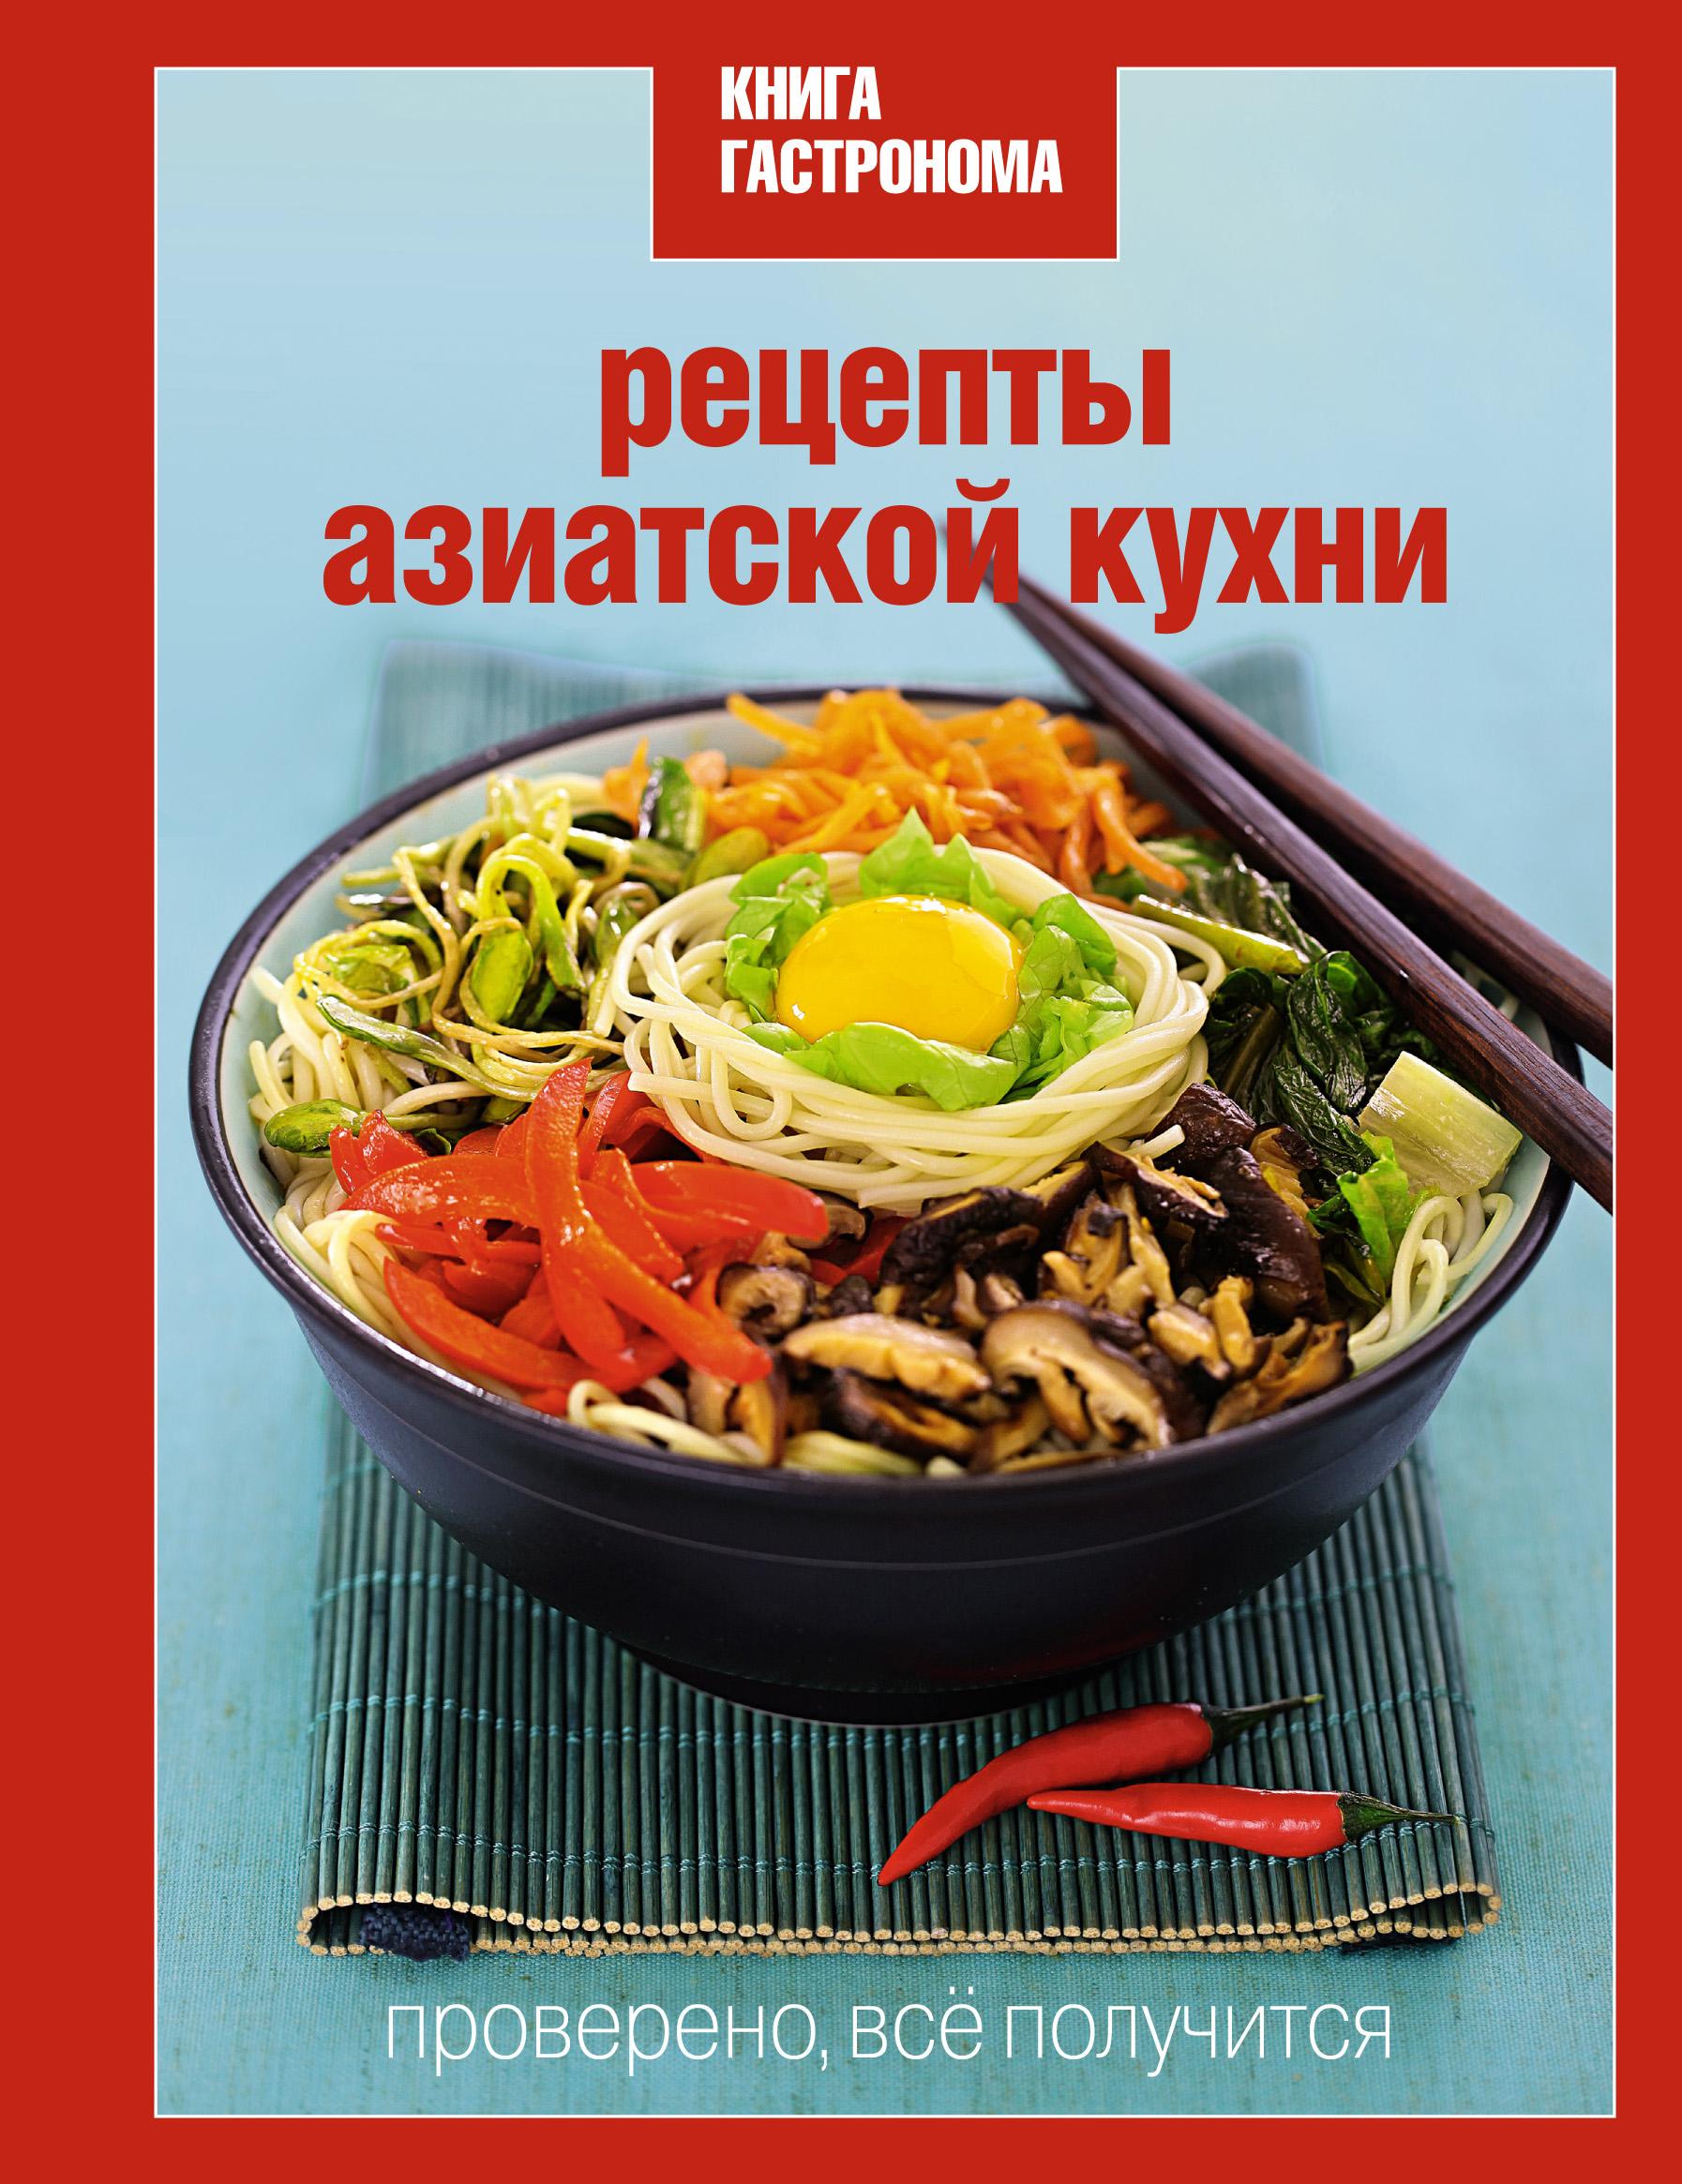 Рецепты азиатской кухни